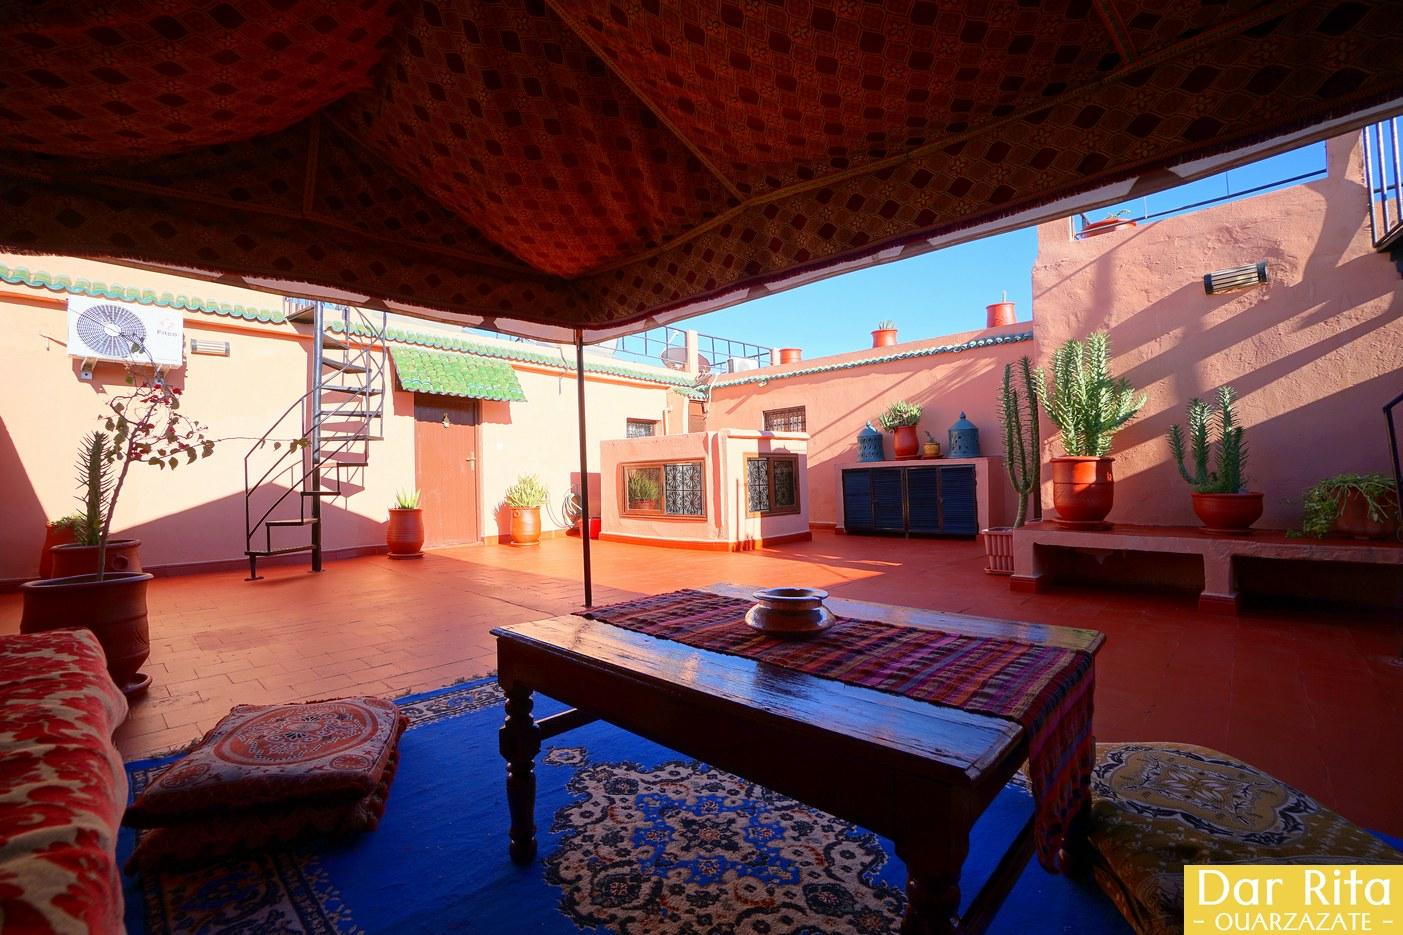 O meu hotel em Marrocos: Dar Rita em Ouarzazate 4